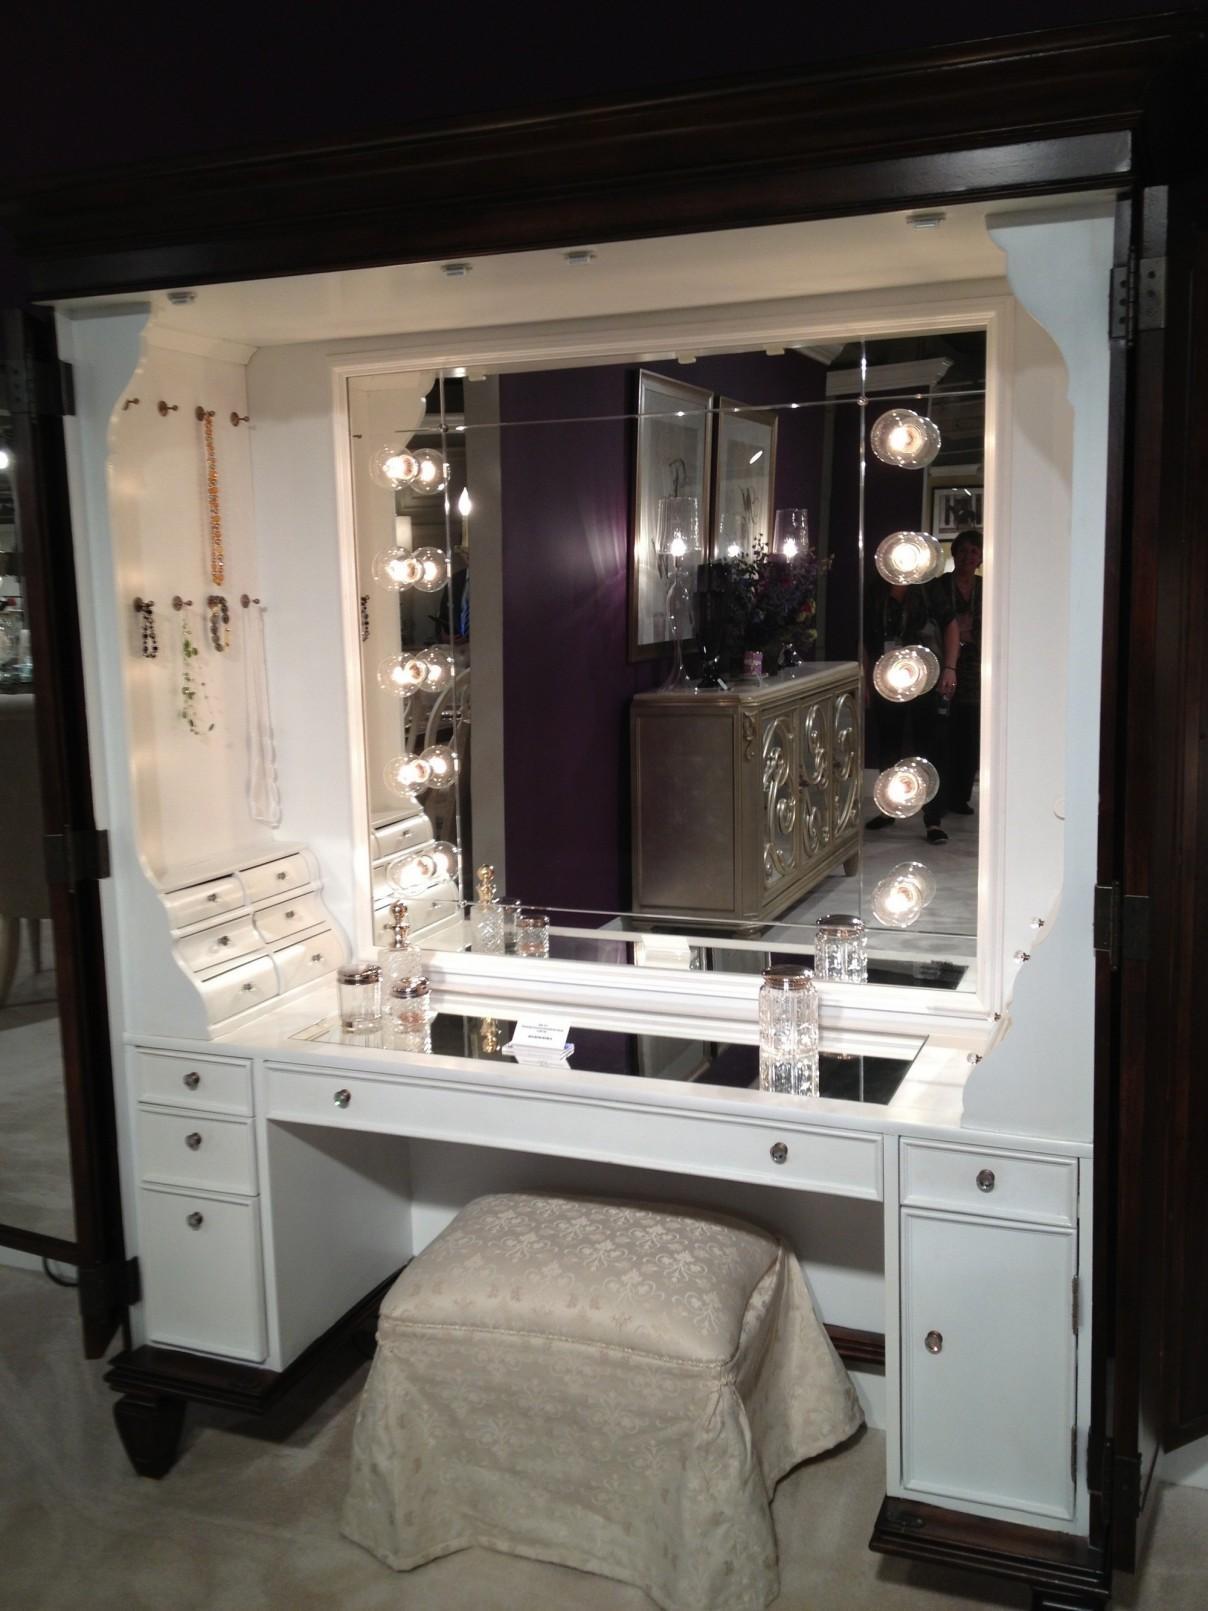 Bedroom Stunning Bedroom Vanity Mirror With Lights Design For Regarding Modern Bedroom Mirrors (Image 4 of 20)